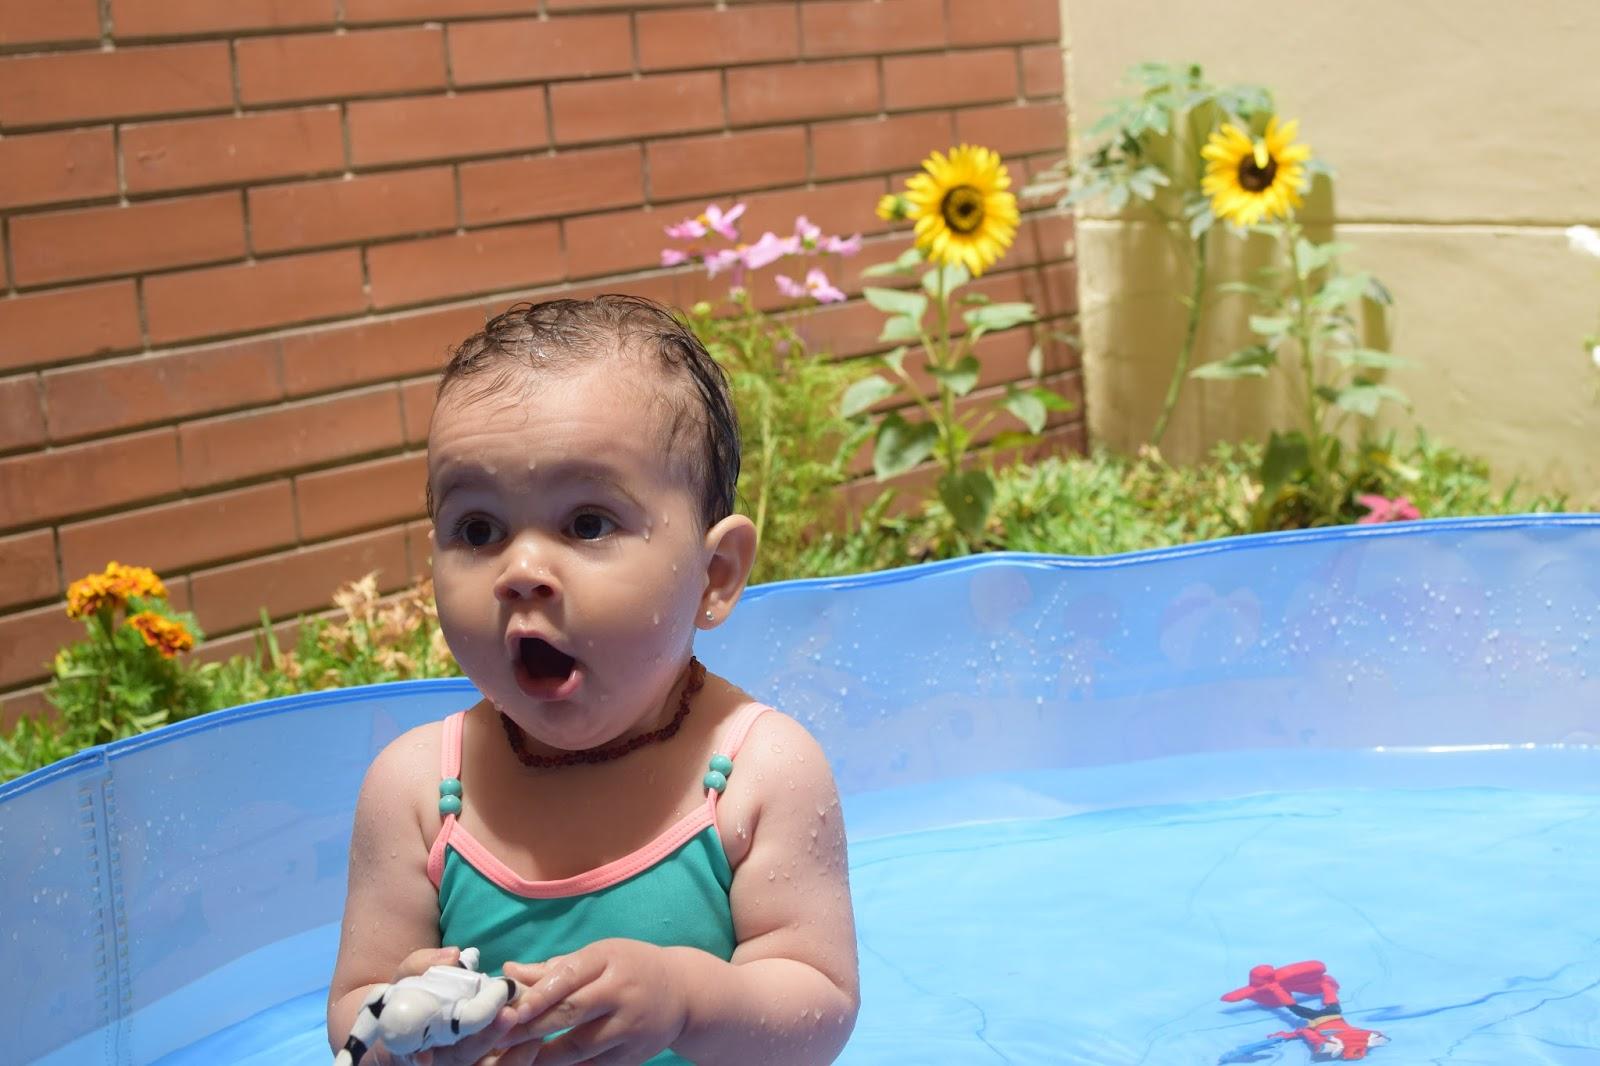 Pa ales para la playa o para la piscina s little swimmers la ventanita de luz - Panales para piscina ...